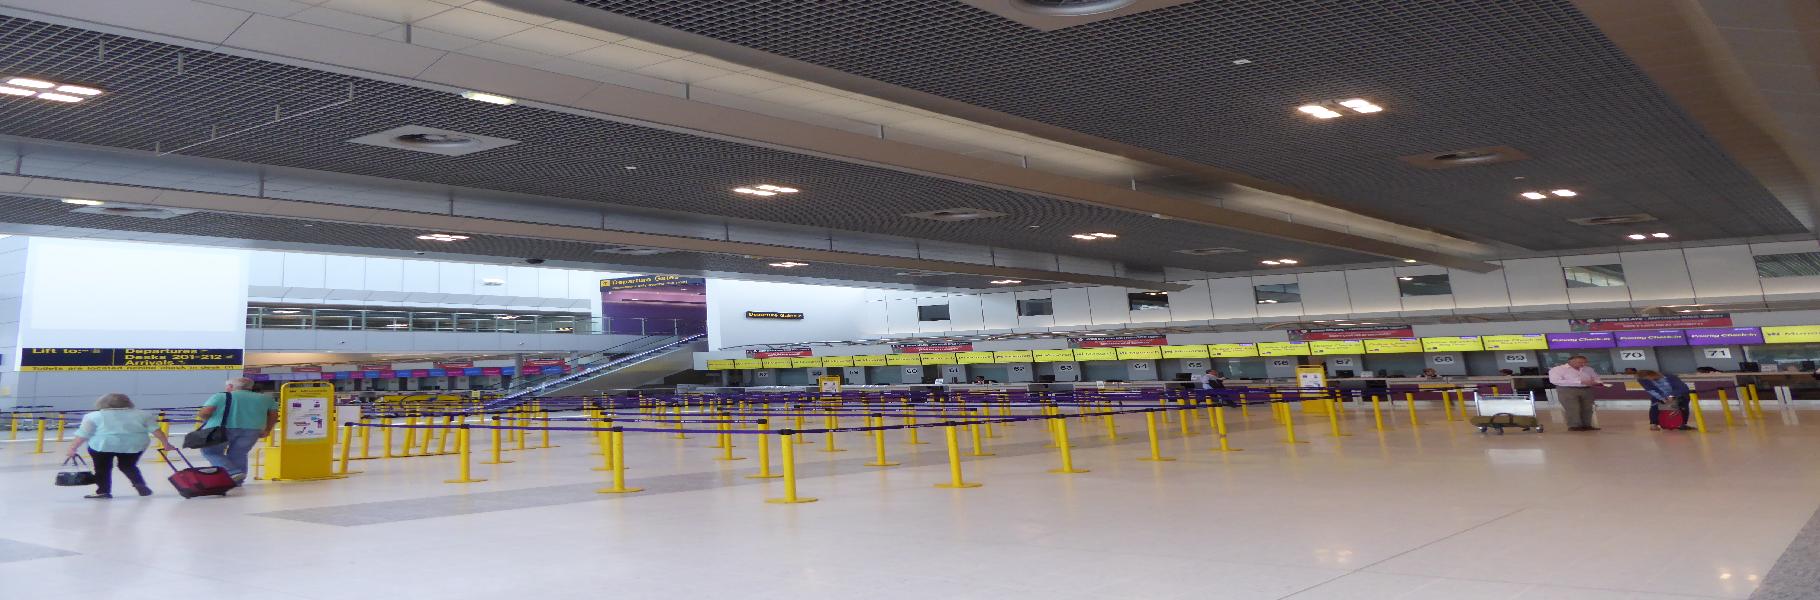 Manchester Airport jobs